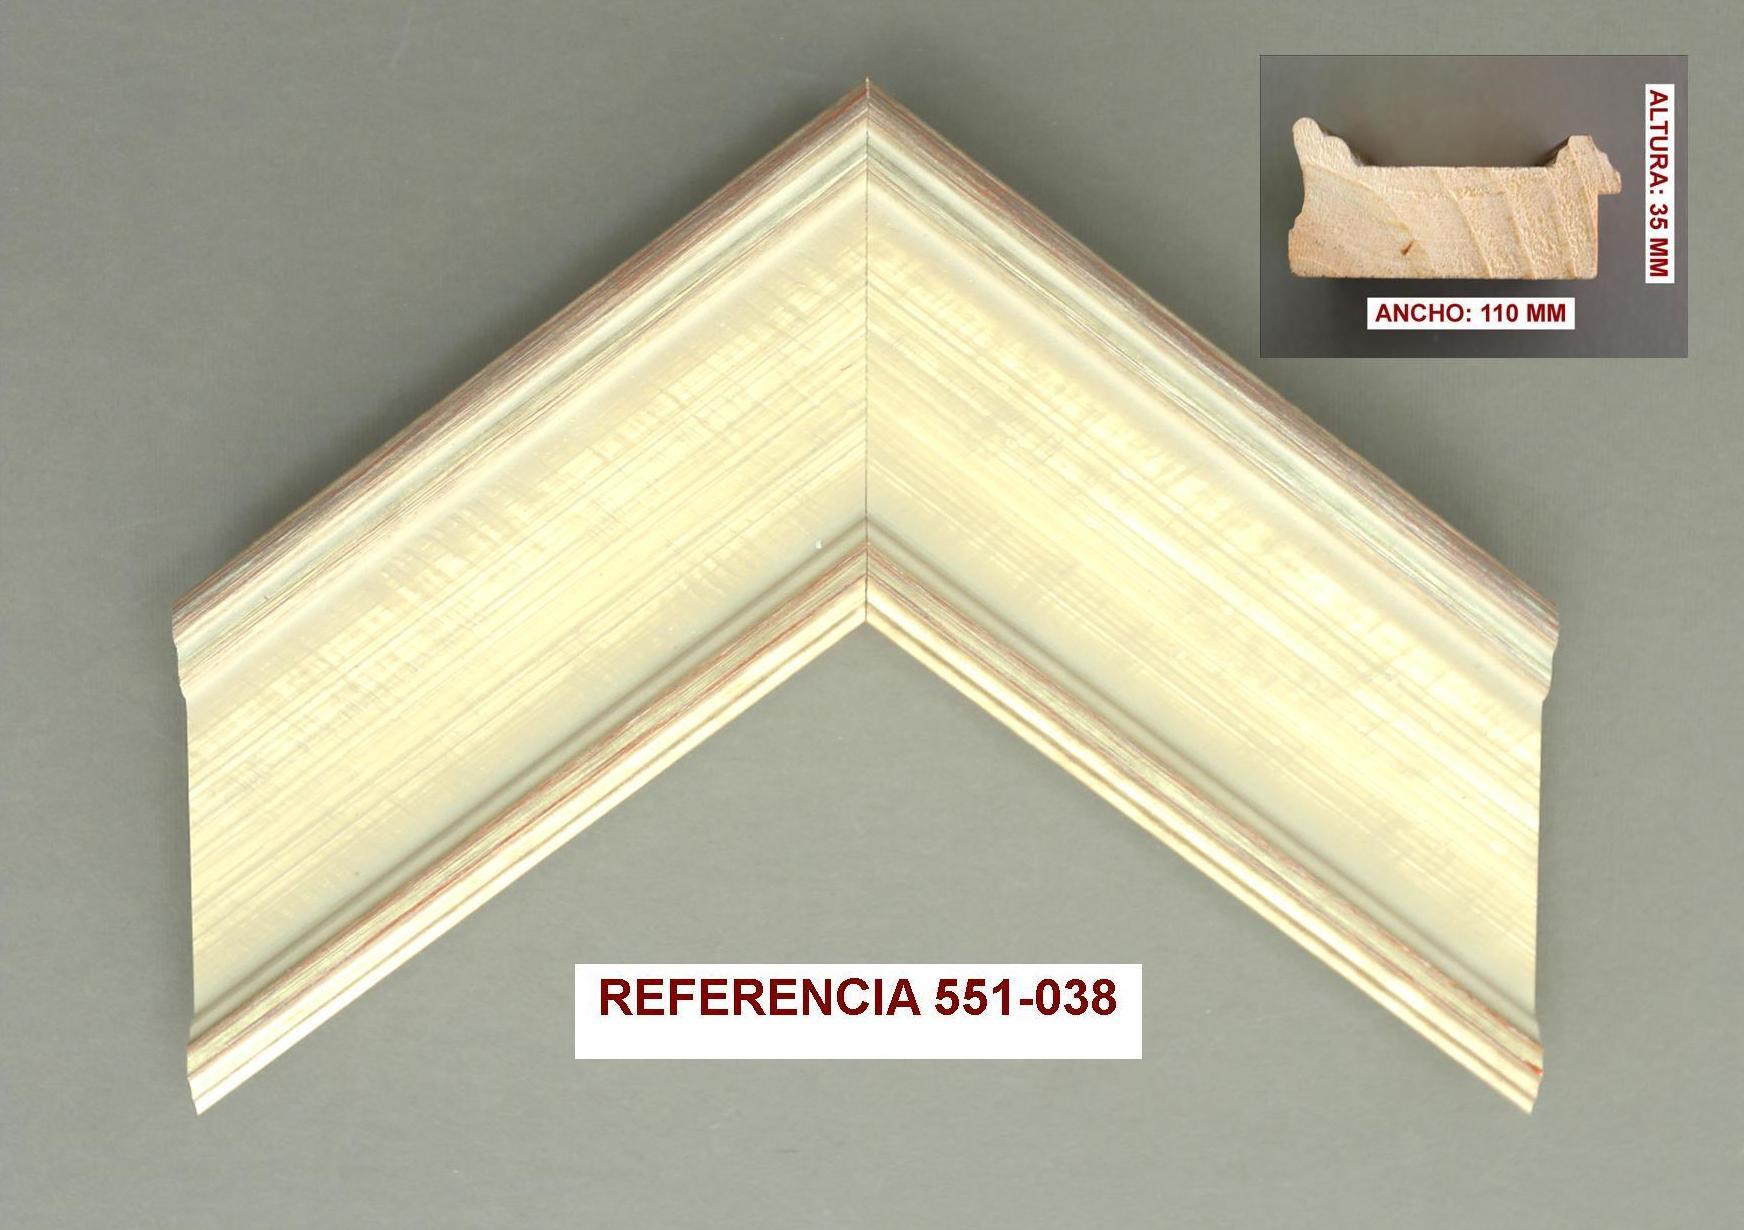 REF 551-038: Muestrario de Moldusevilla